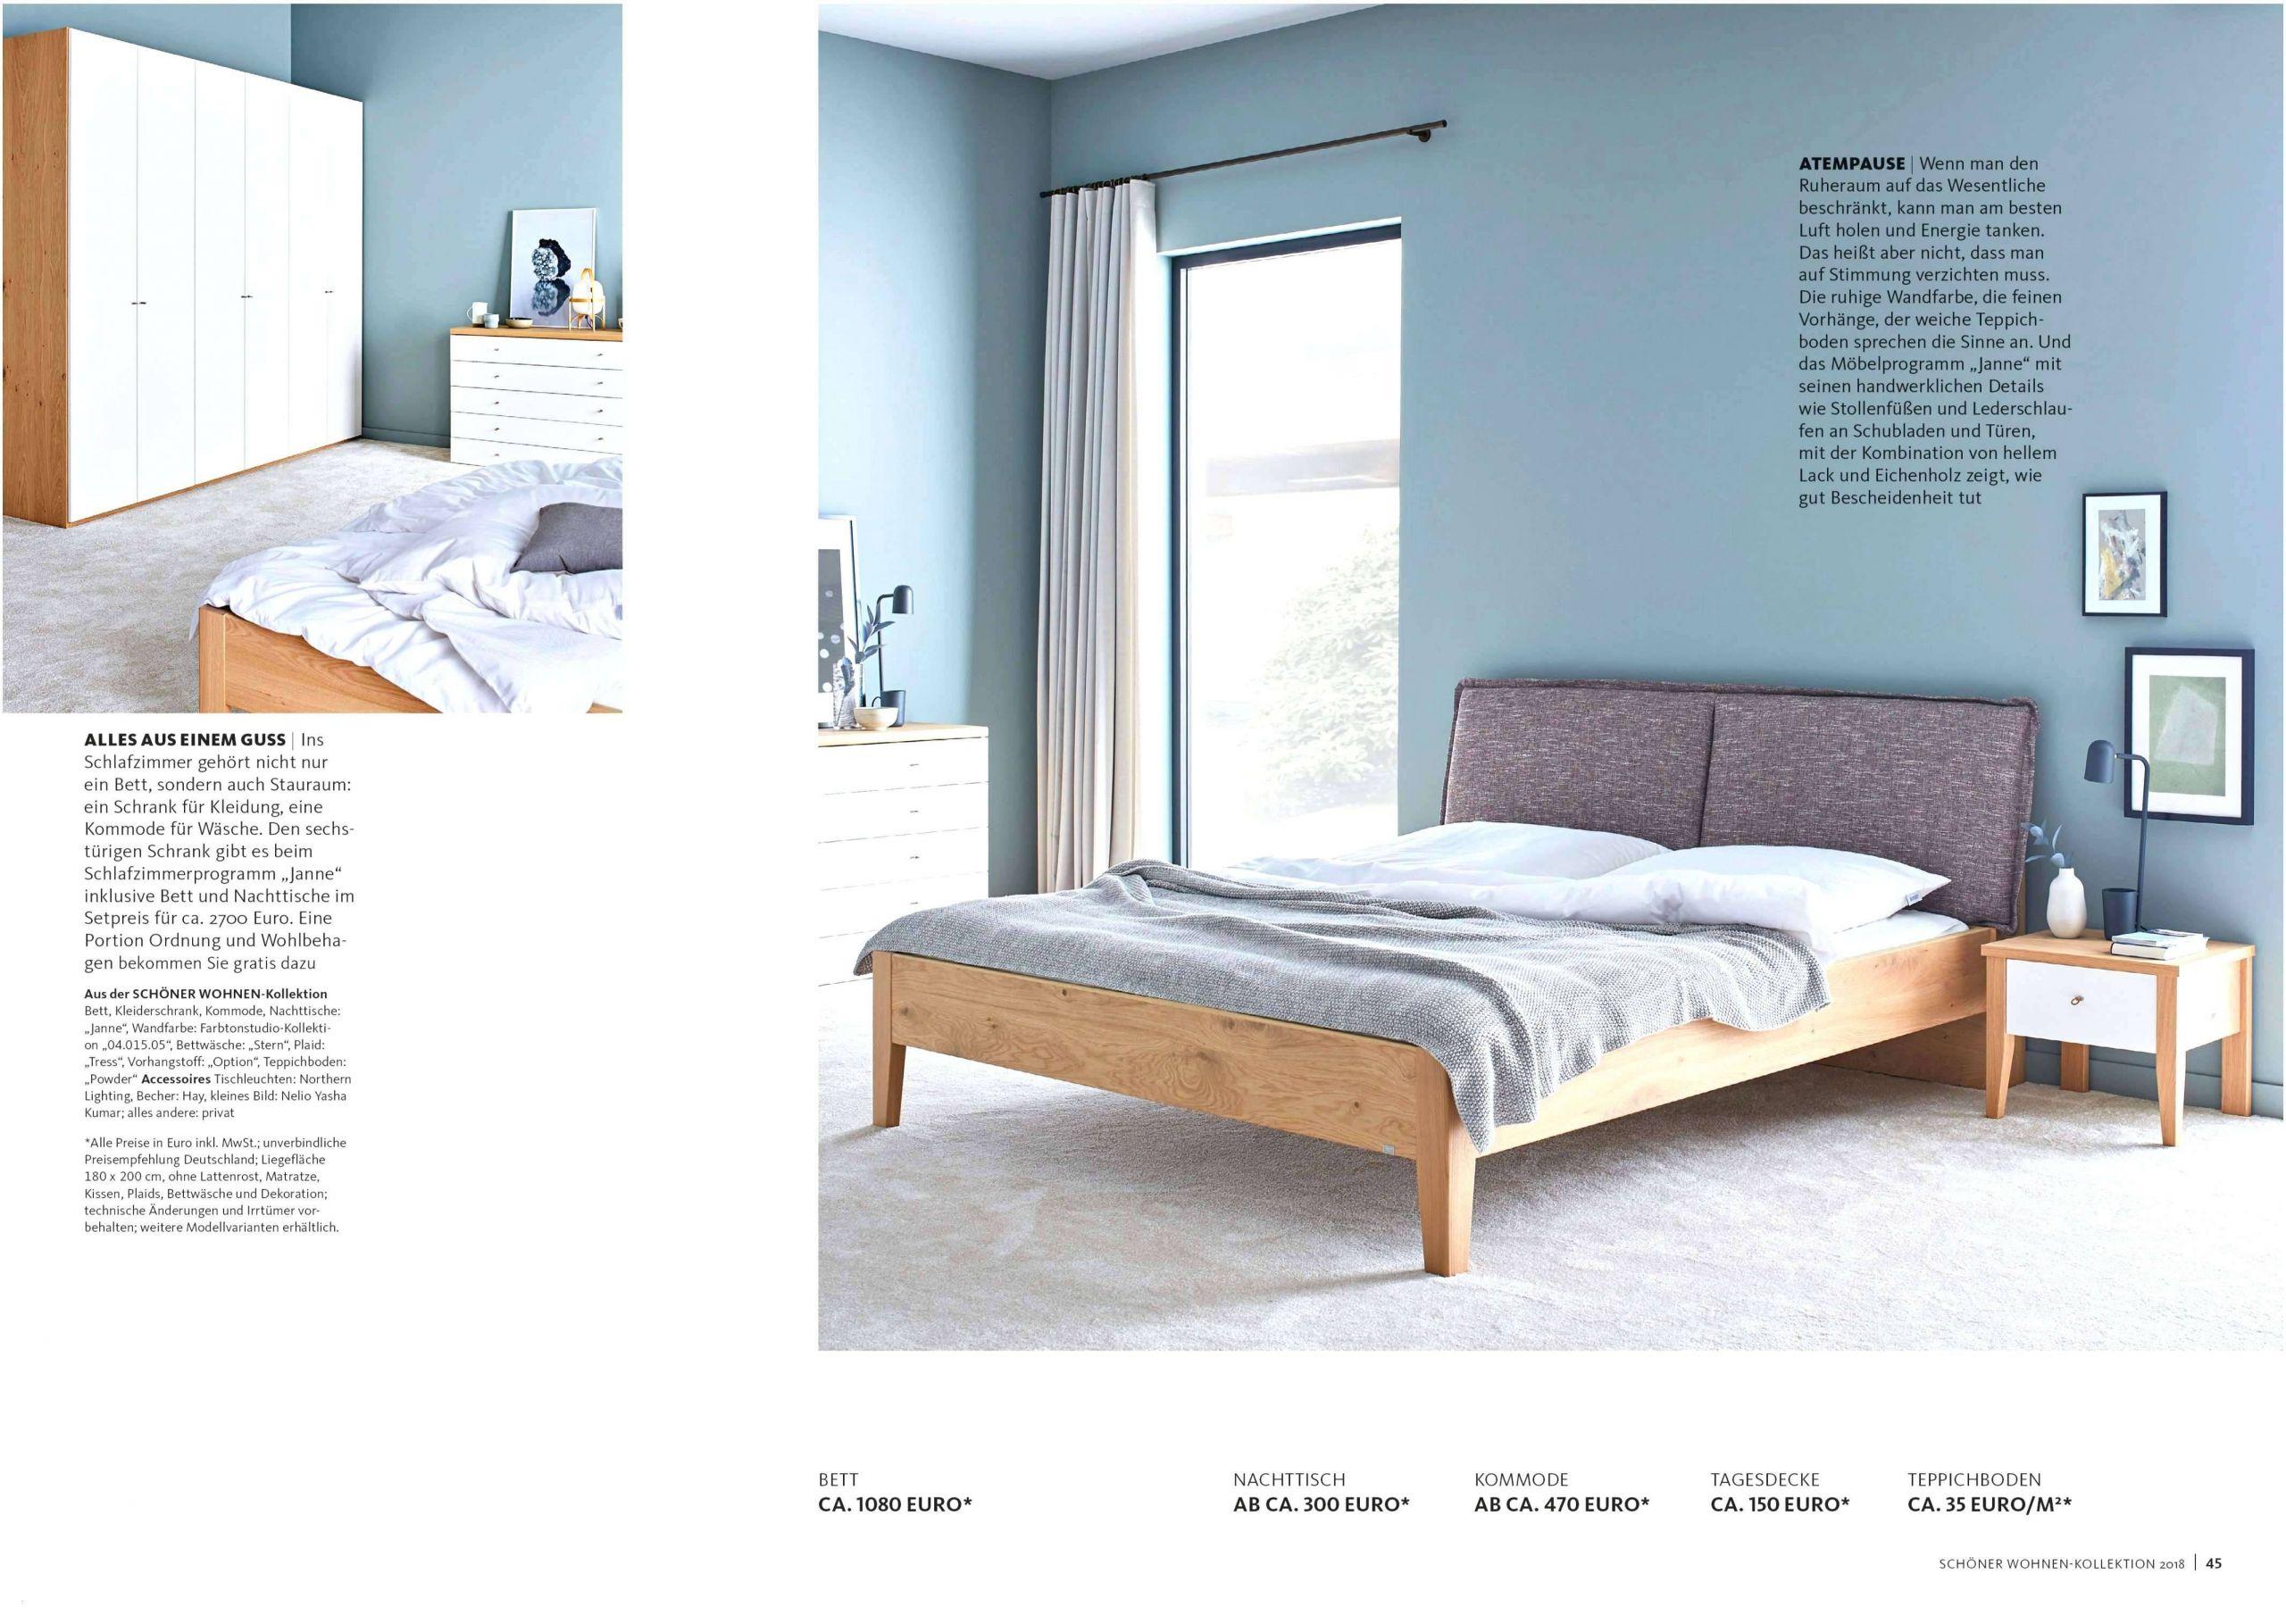 deko fur wohnzimmer ideen einzigartig 30 frisch beton ideen fur den garten reizend of deko fur wohnzimmer ideen